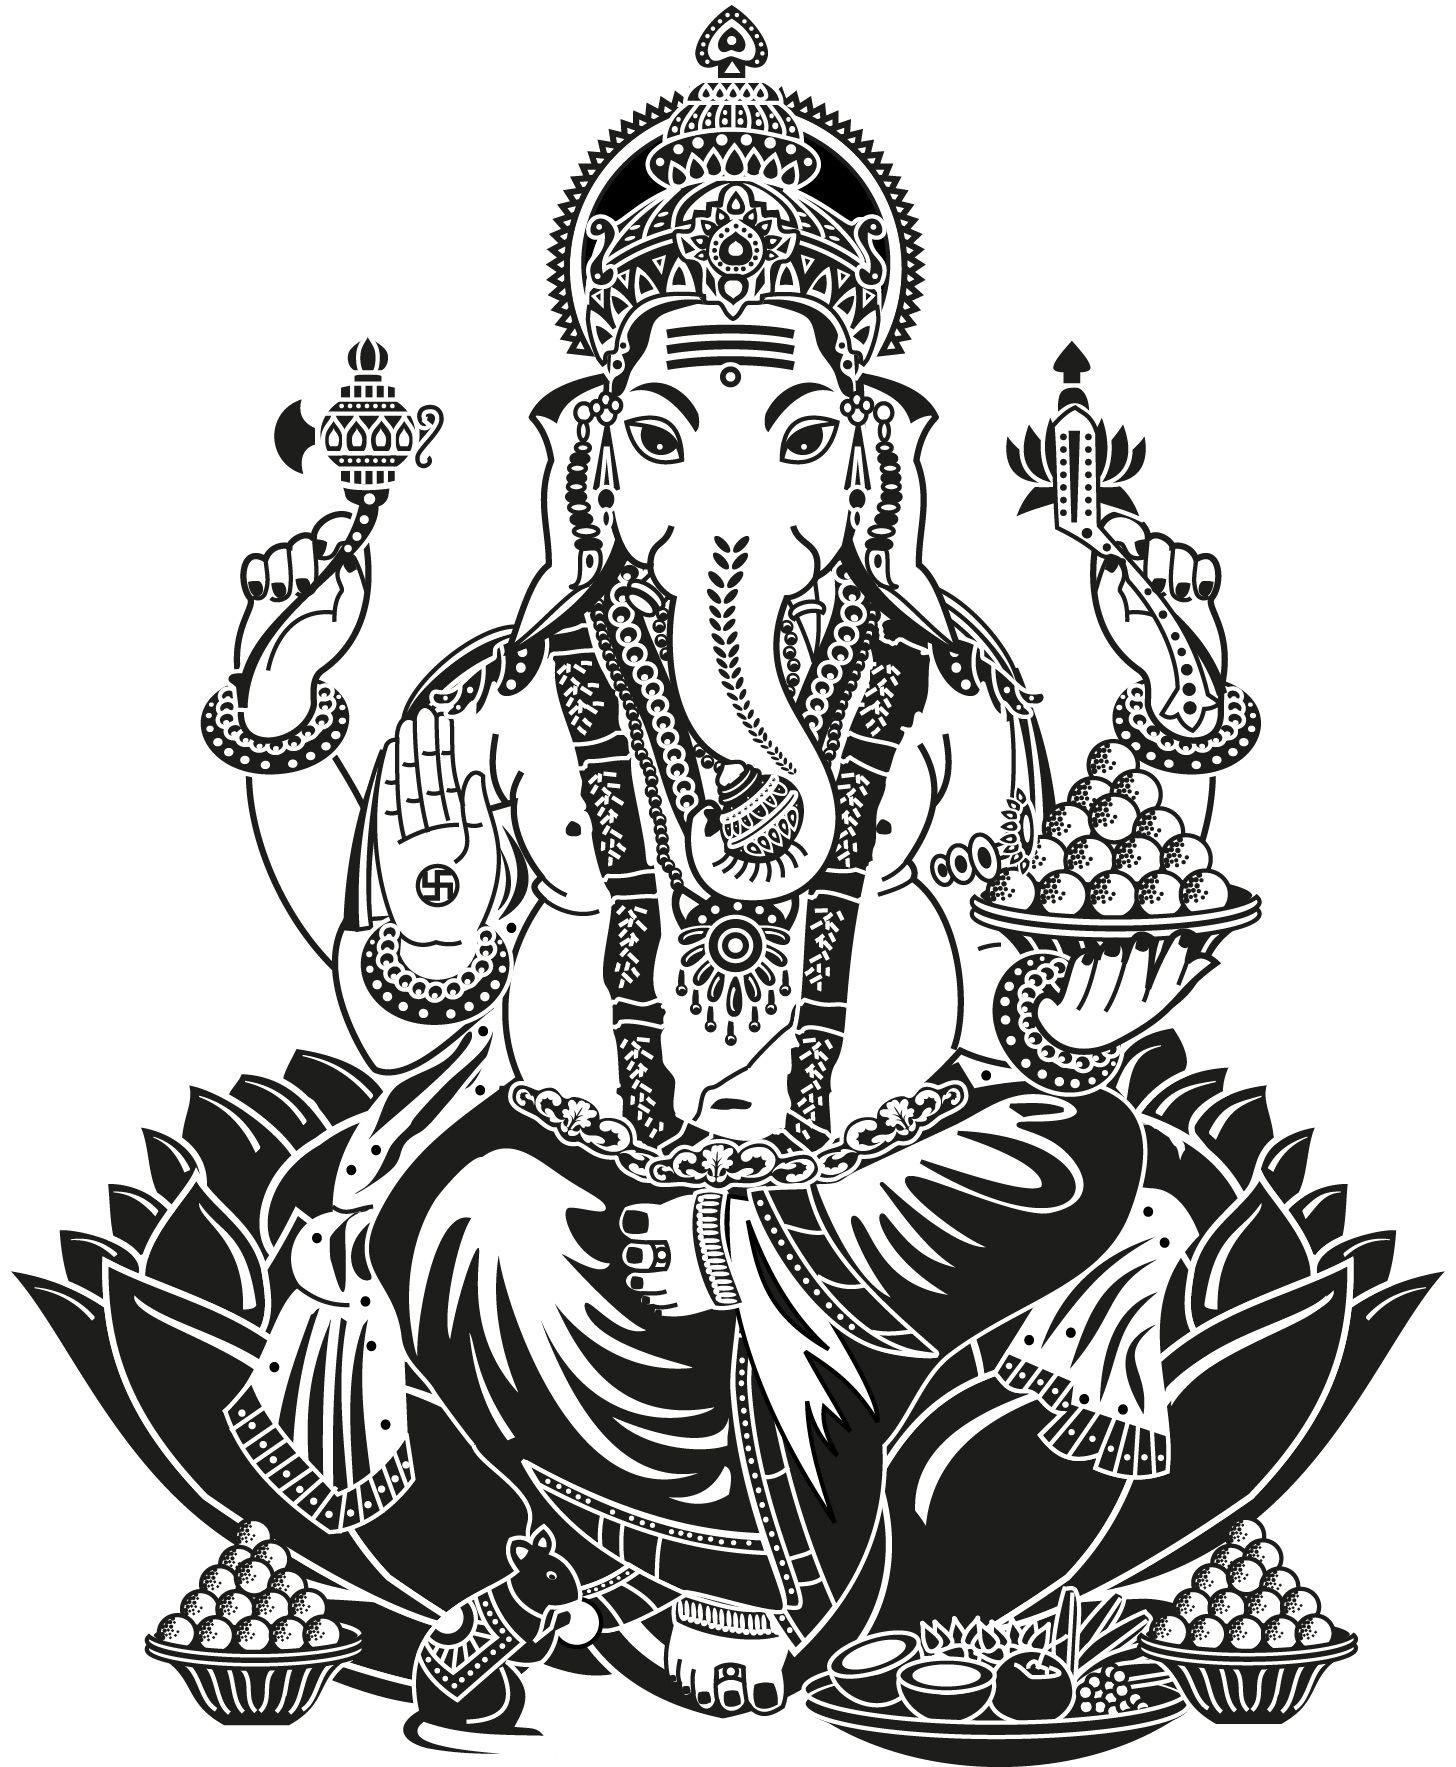 Ganesha and kubera story ganesha teaching lesson to kubera buddha dance indian hinduism wall sticker home decor wall decal elephant ganesh buddhism india indian namaste buddha om yoga god buycottarizona Images